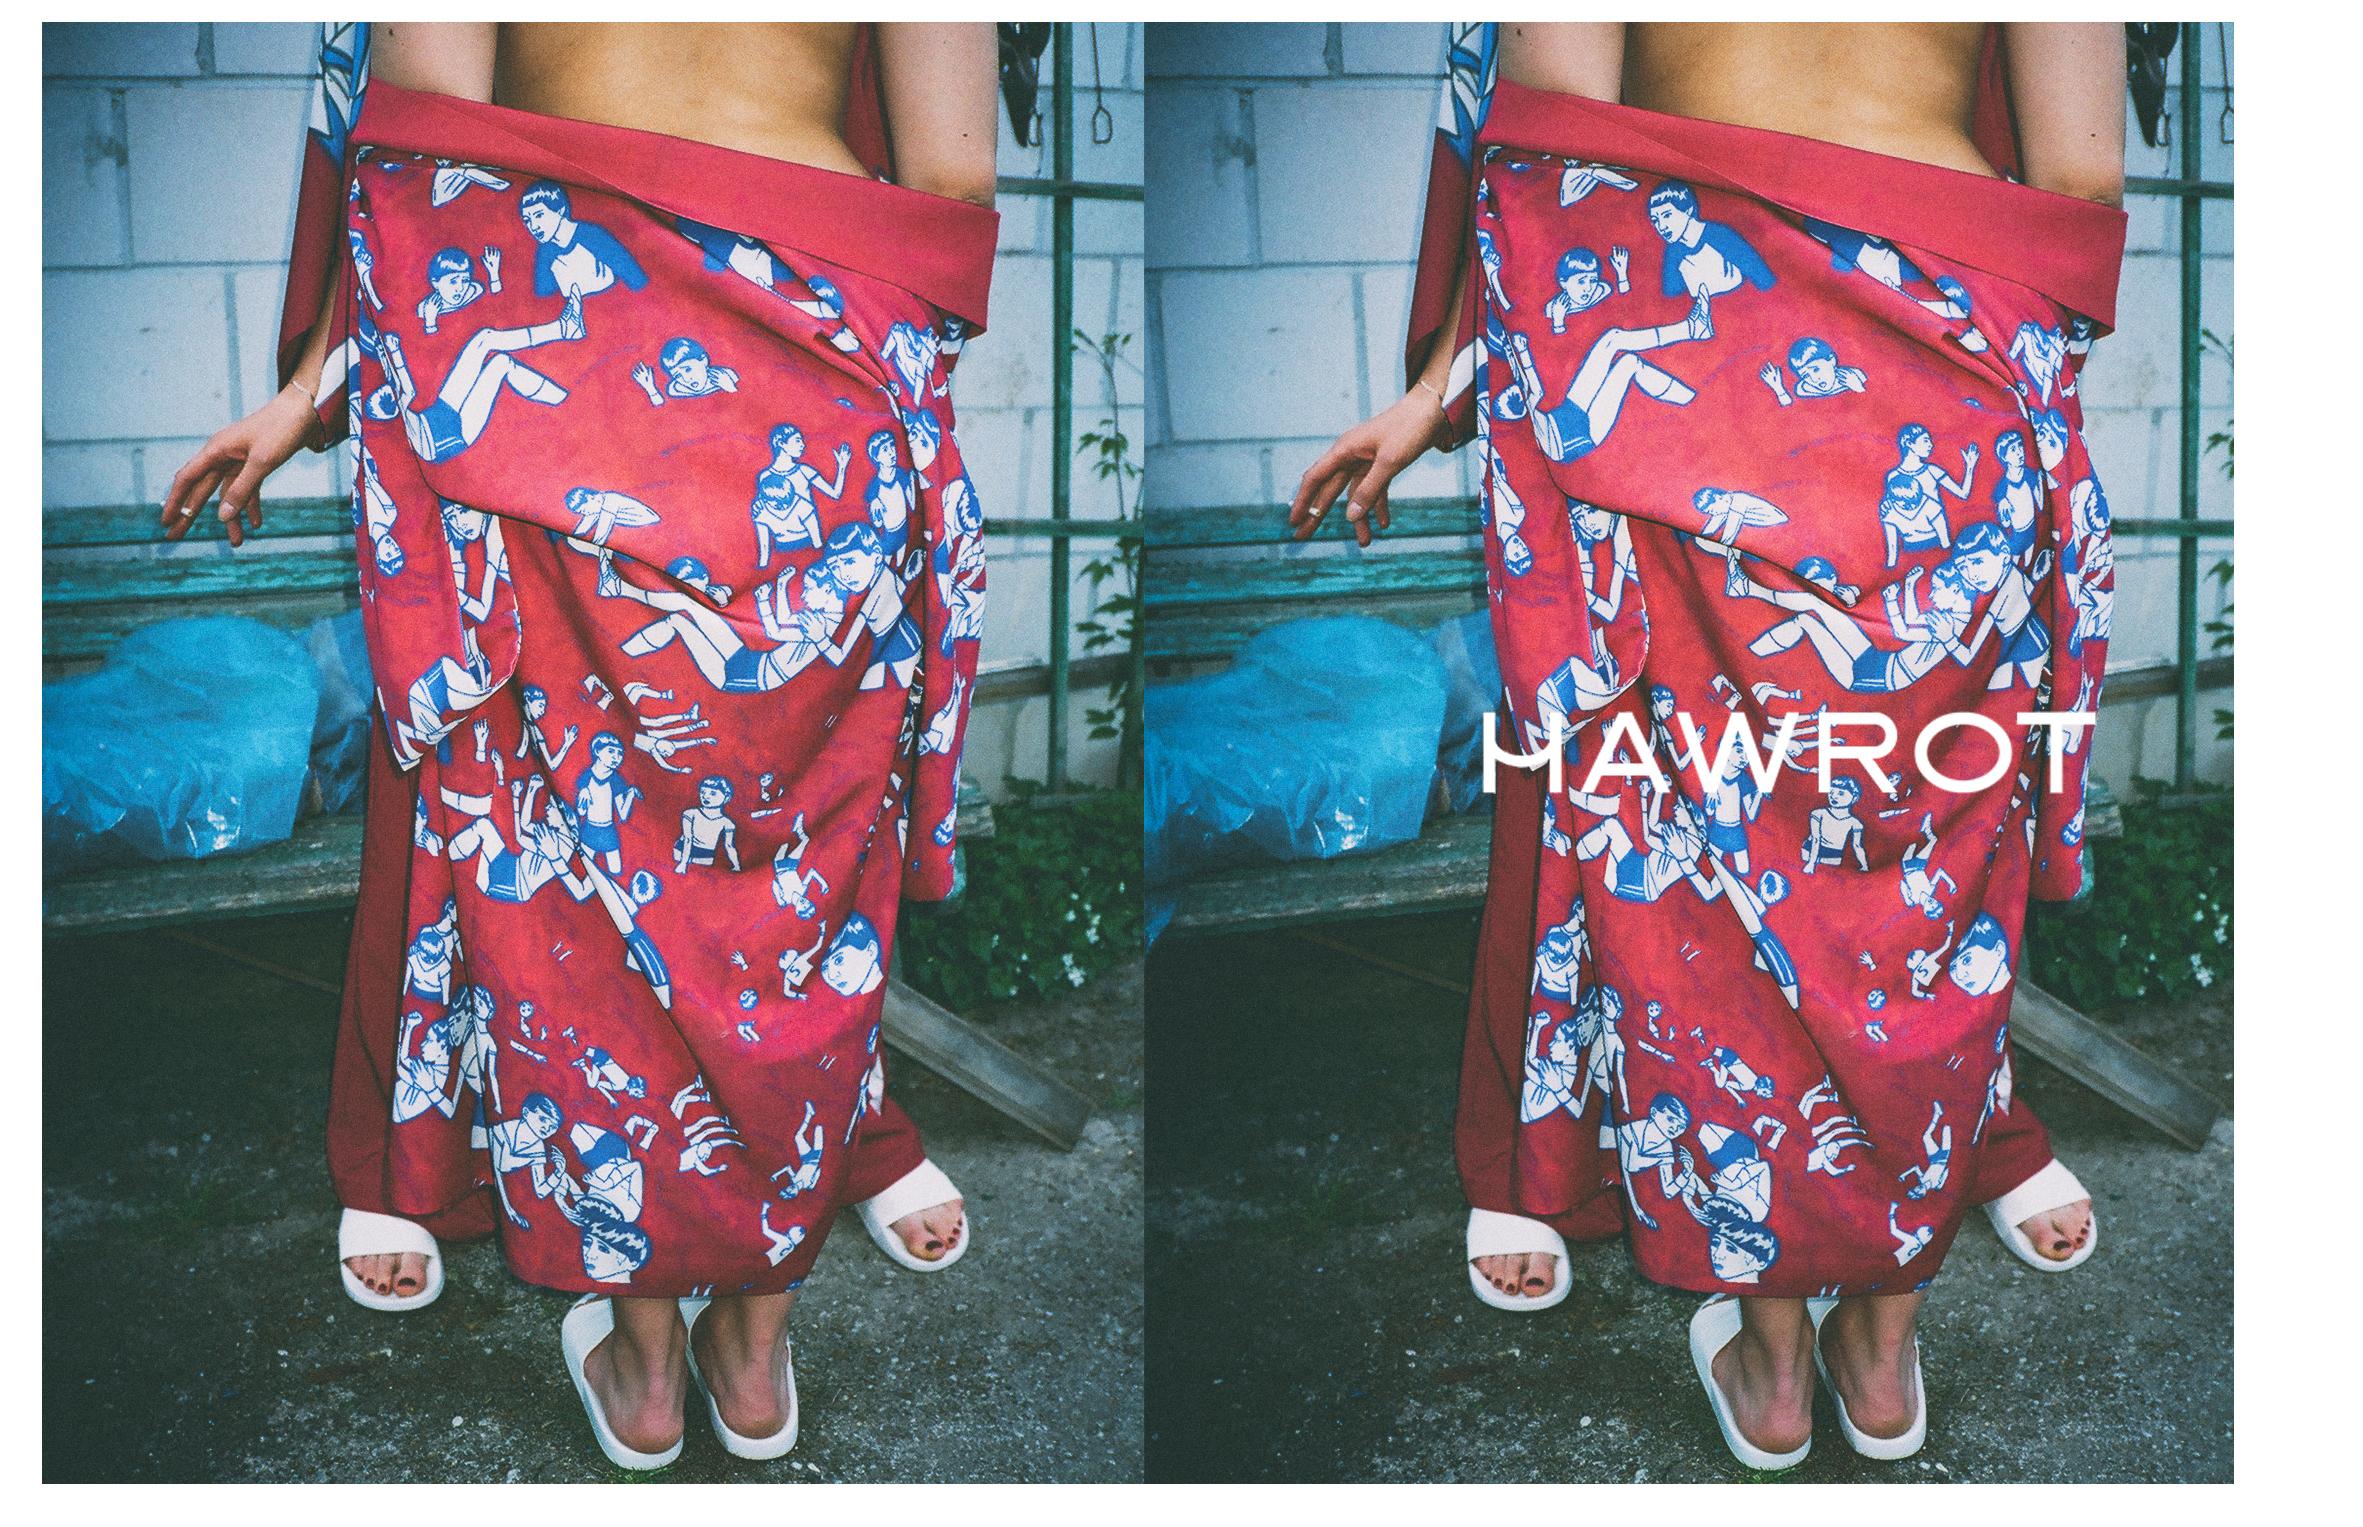 HAWROT_NET3